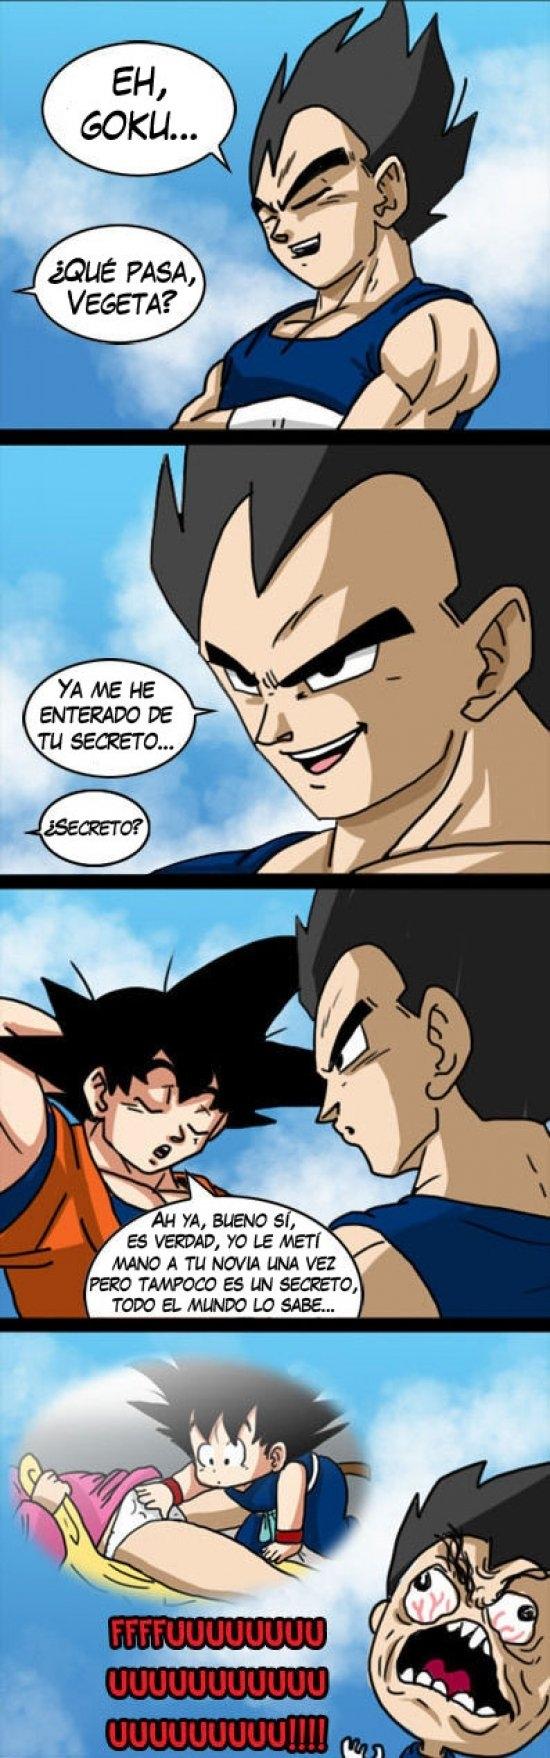 Este Es El Motivo Por El Que Vegeta Odia A Goku Gracias A Http Www Cuantocabron Com Si Quieres Lee Memes Fotos De Memes Divertidos Memes Divertidos